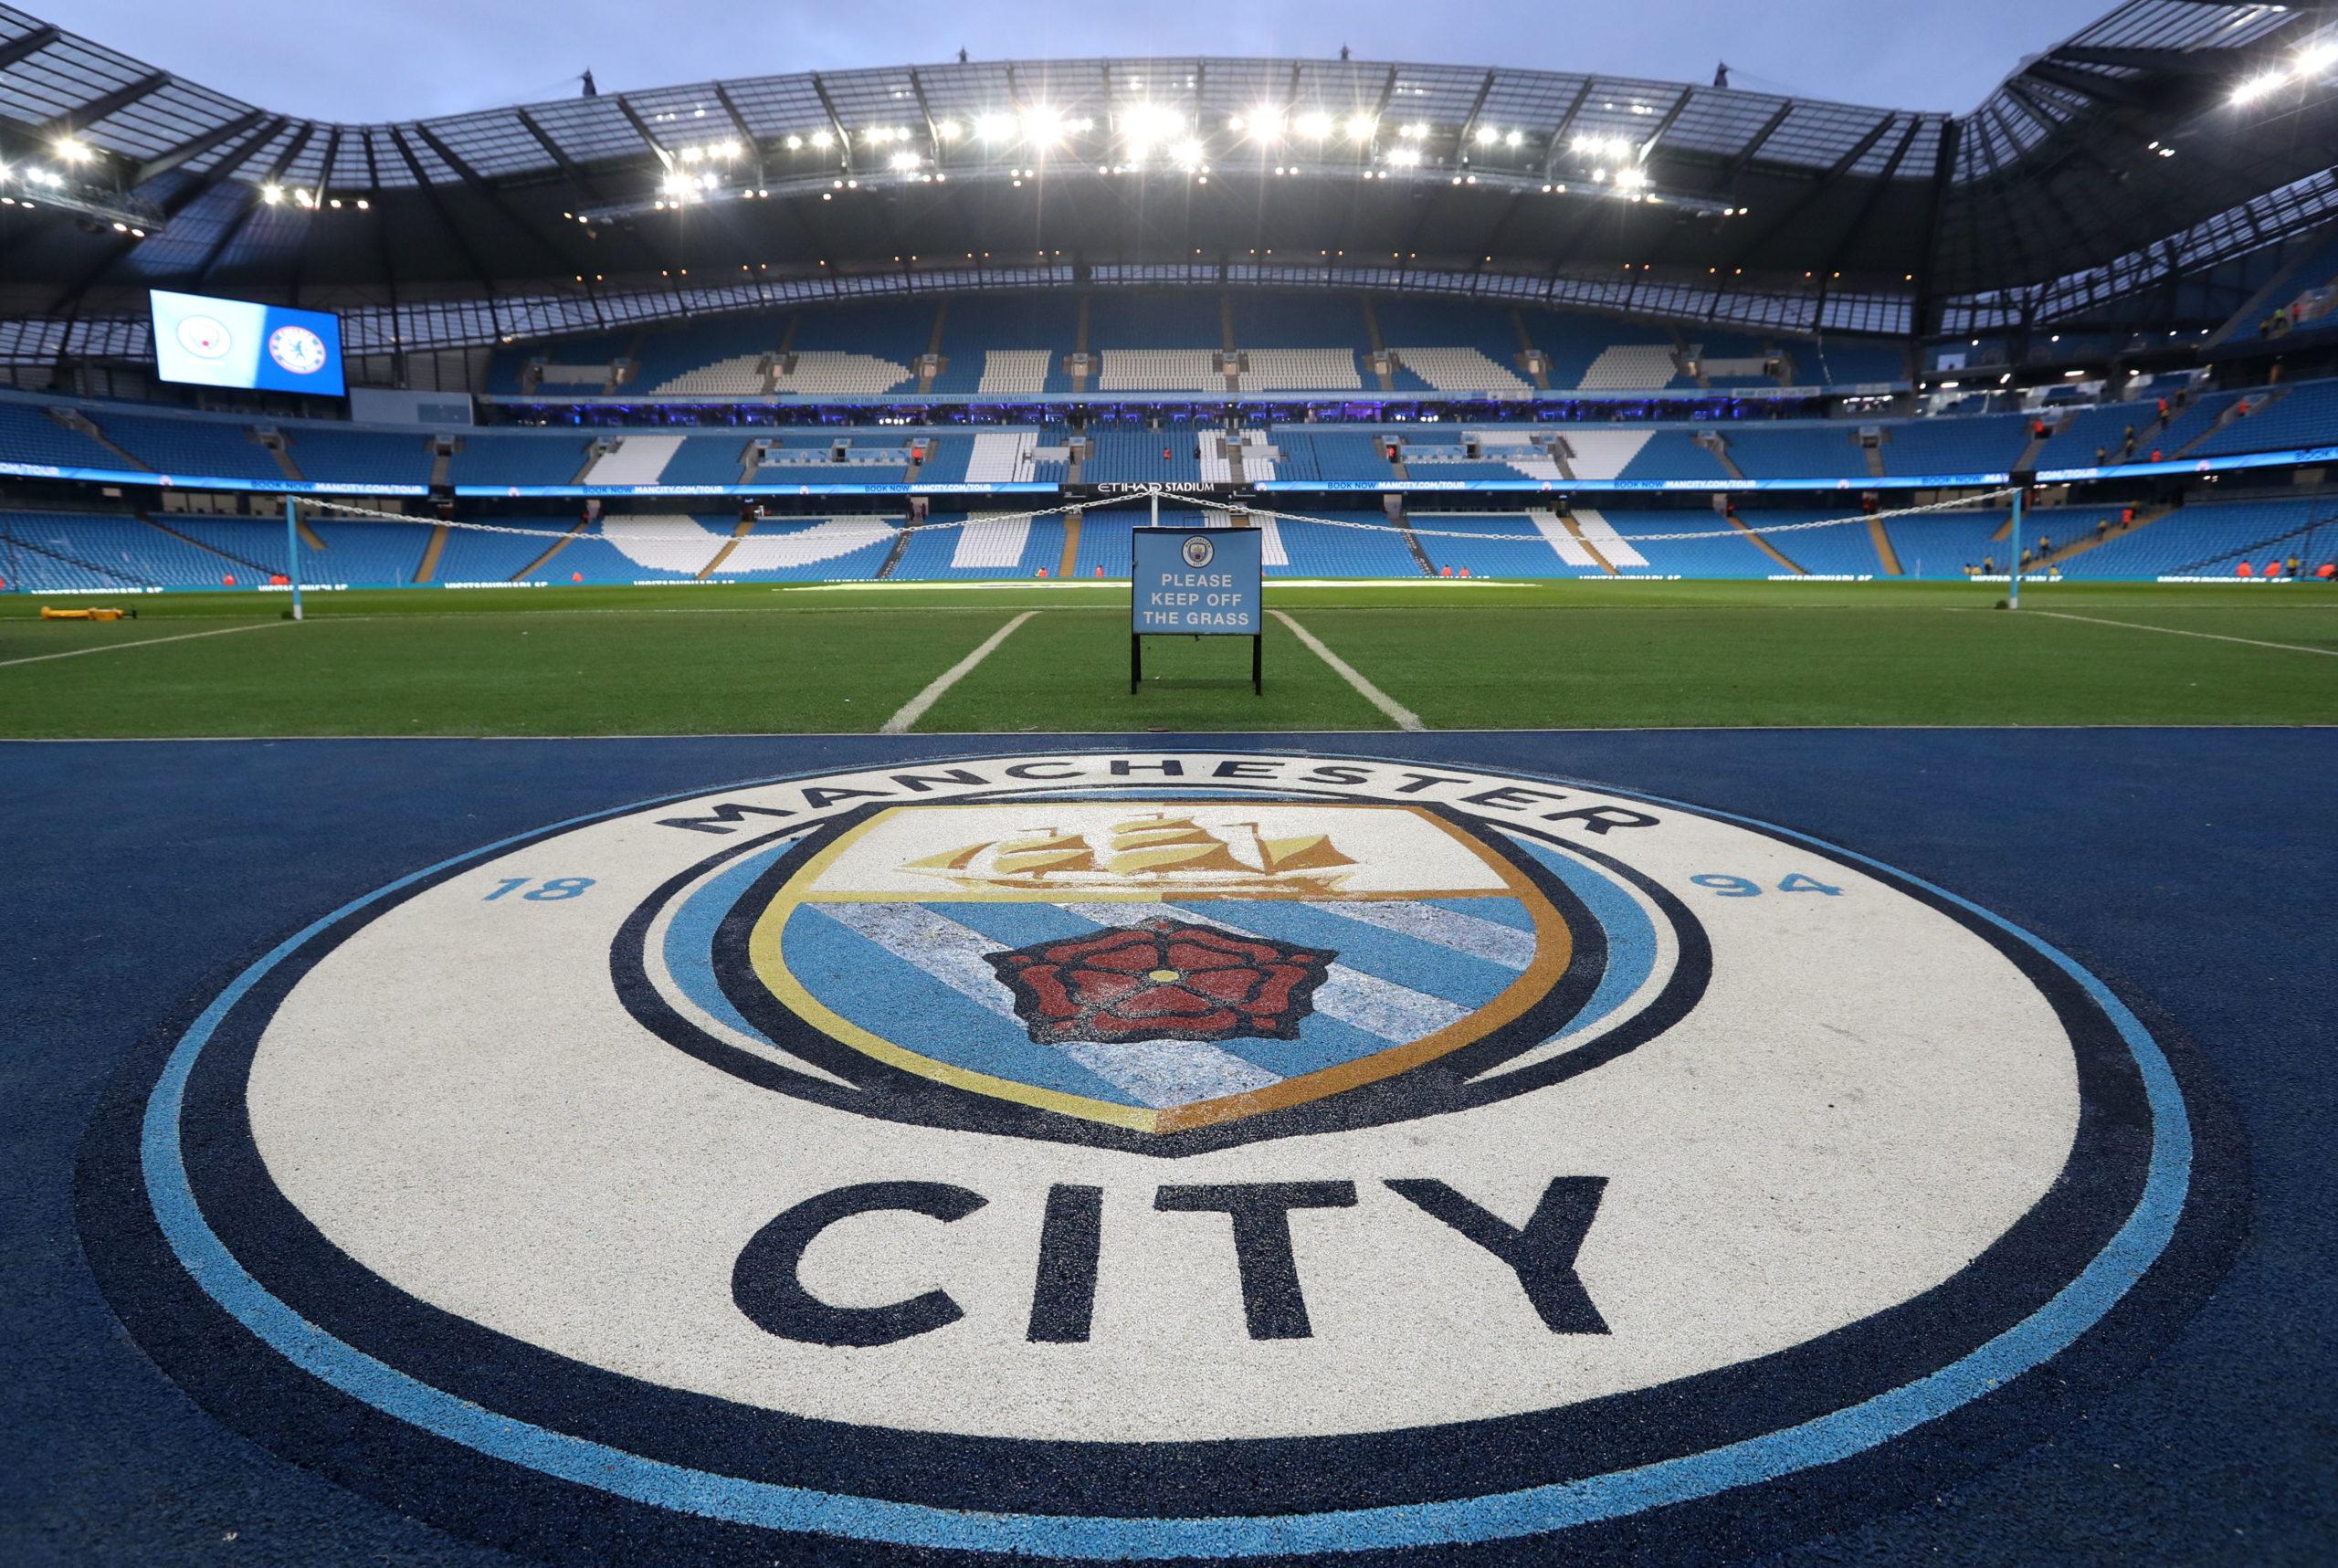 La UEFA sanciona al Manchester City con 2 años sin jugar en Europa por graves infracciones en las regulaciones de licencias de la UEFA y en las regulaciones relativas al fair play financiero.